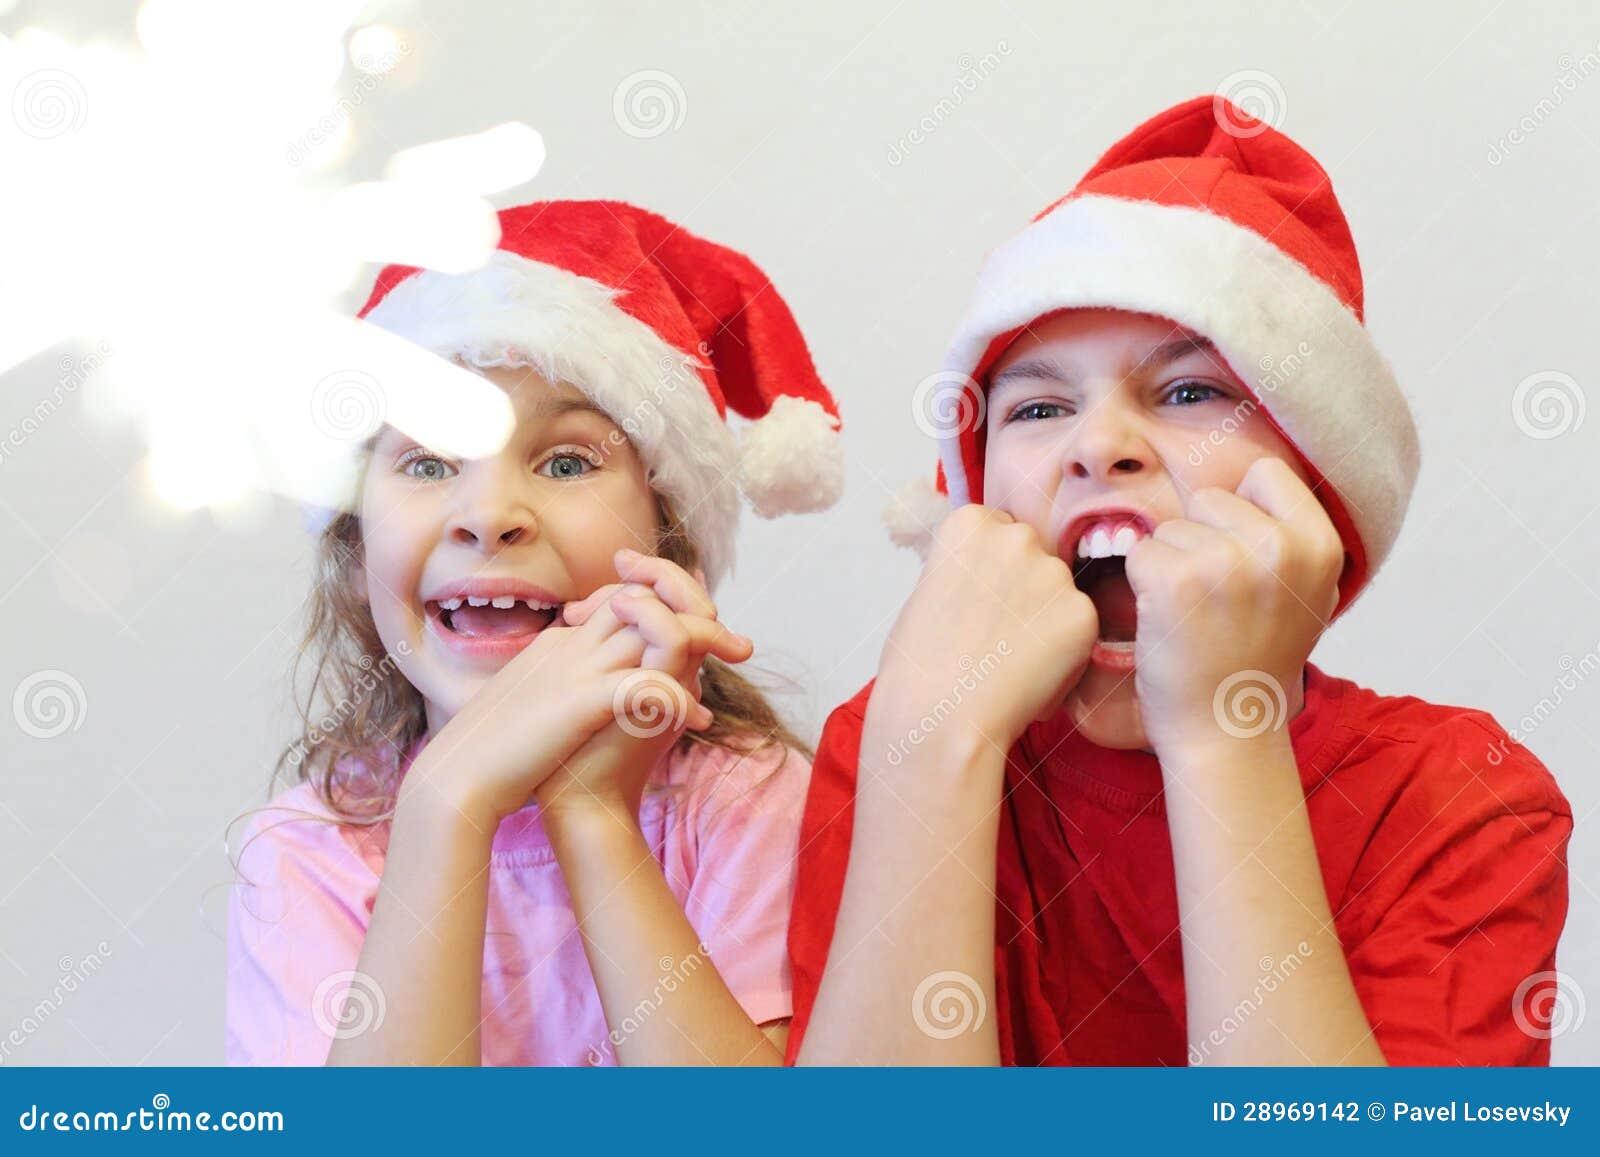 Szczęśliwa chłopiec i dziewczyna w Bożenarodzeniowych czerwonych nakrętkach